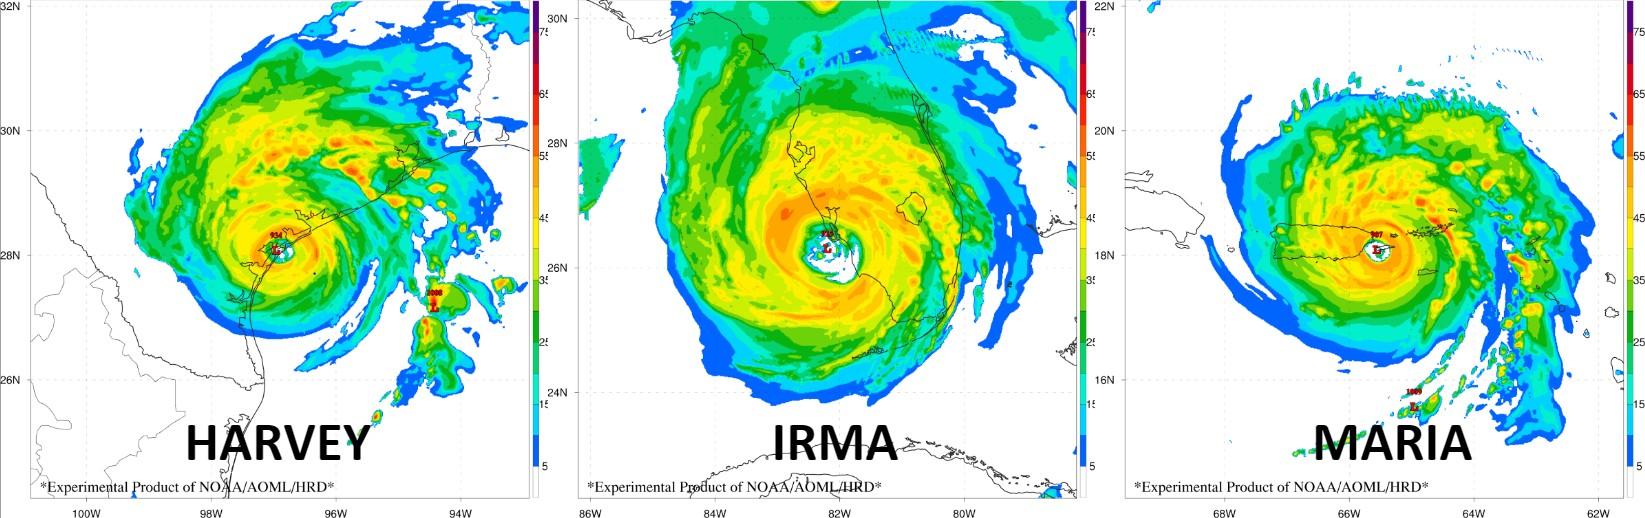 Simulated Radar Reflectivity from HWRF-B